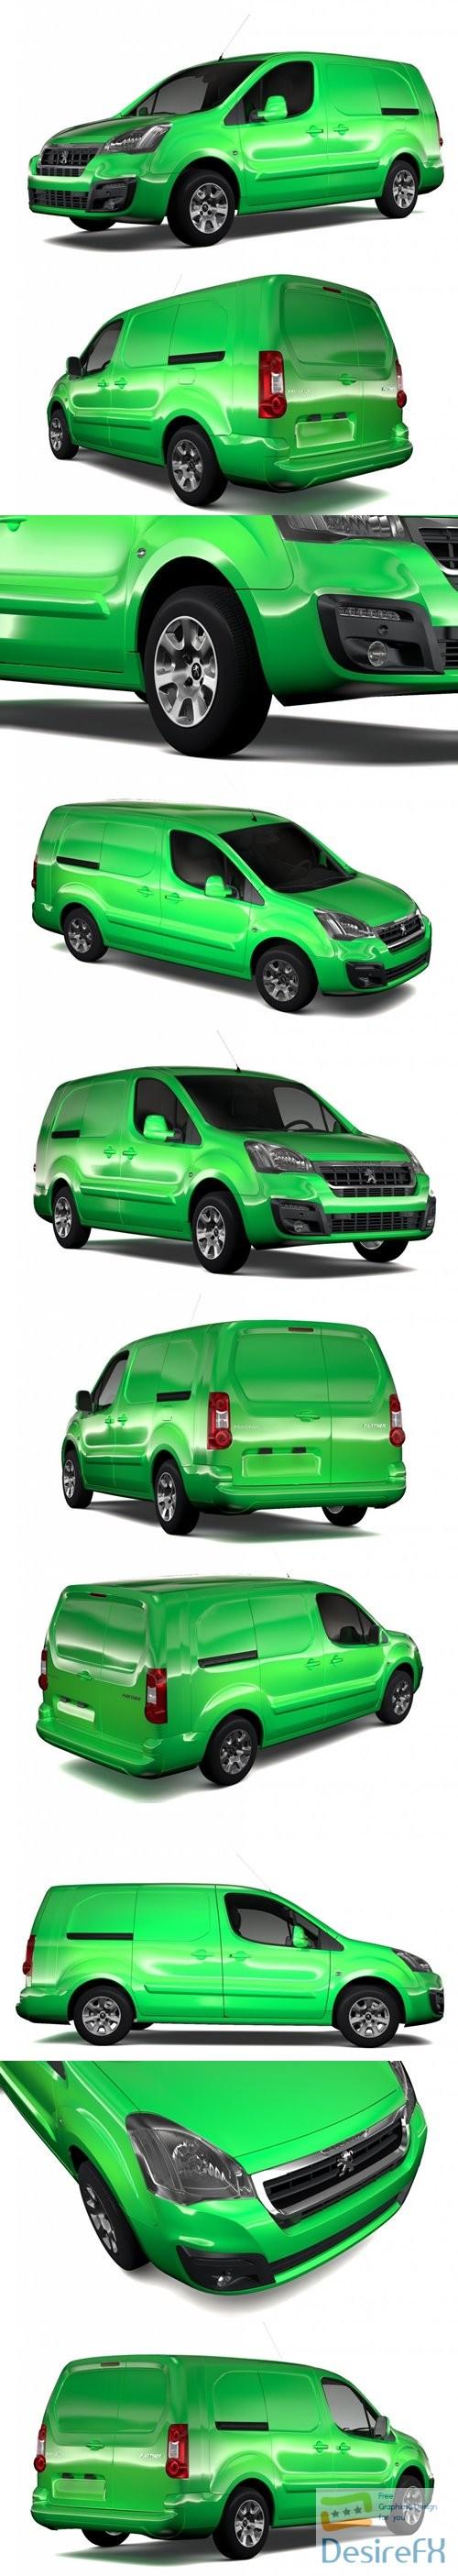 3d-models - Peugeot Partner Van L2 2slidedoors 2017 3D Model